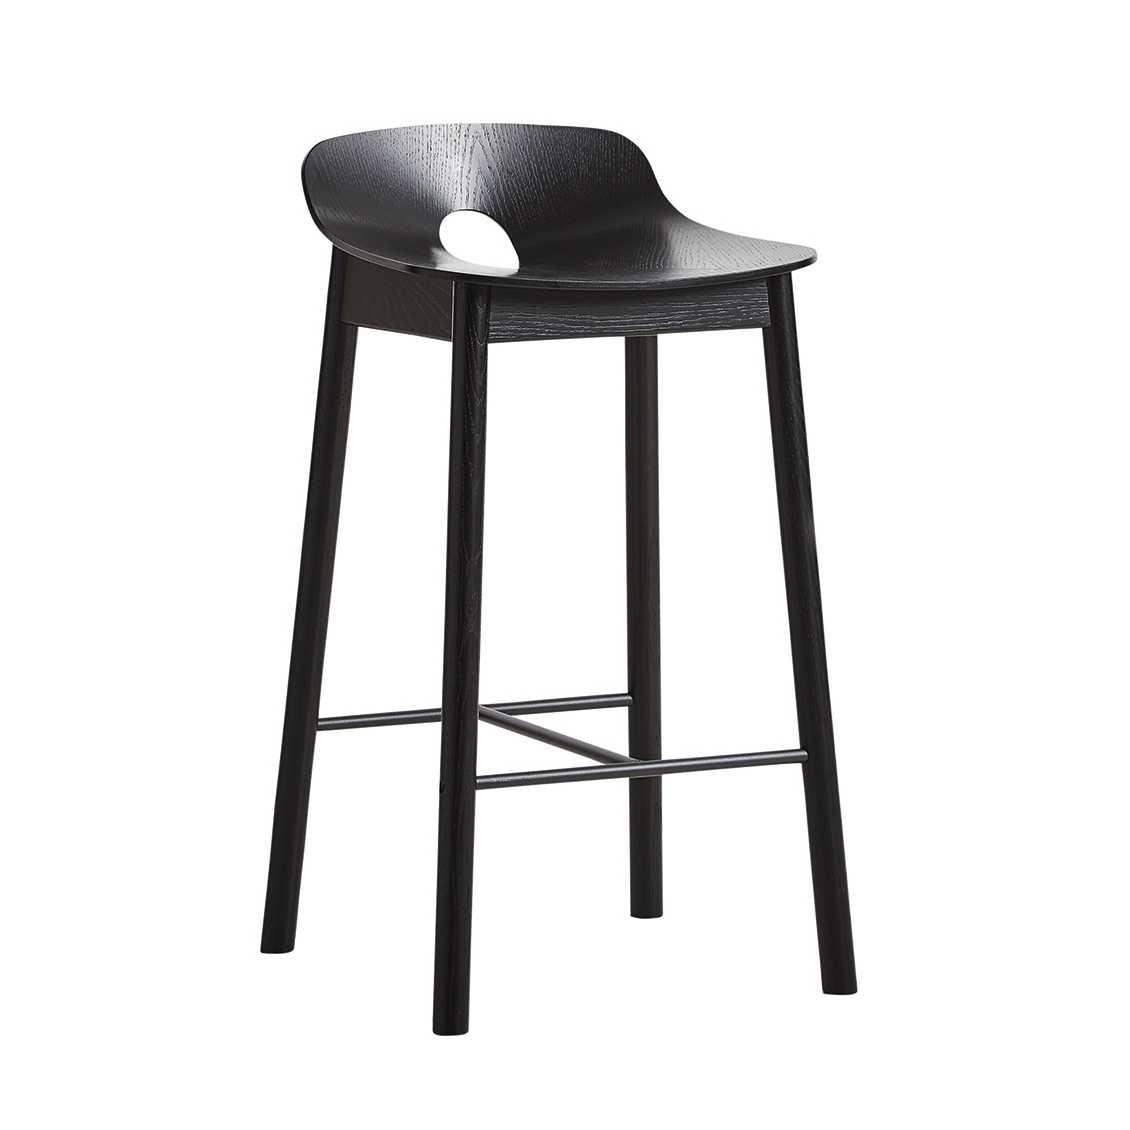 WOUD Mono barkruk-Zwart-Zithoogte 65 cm